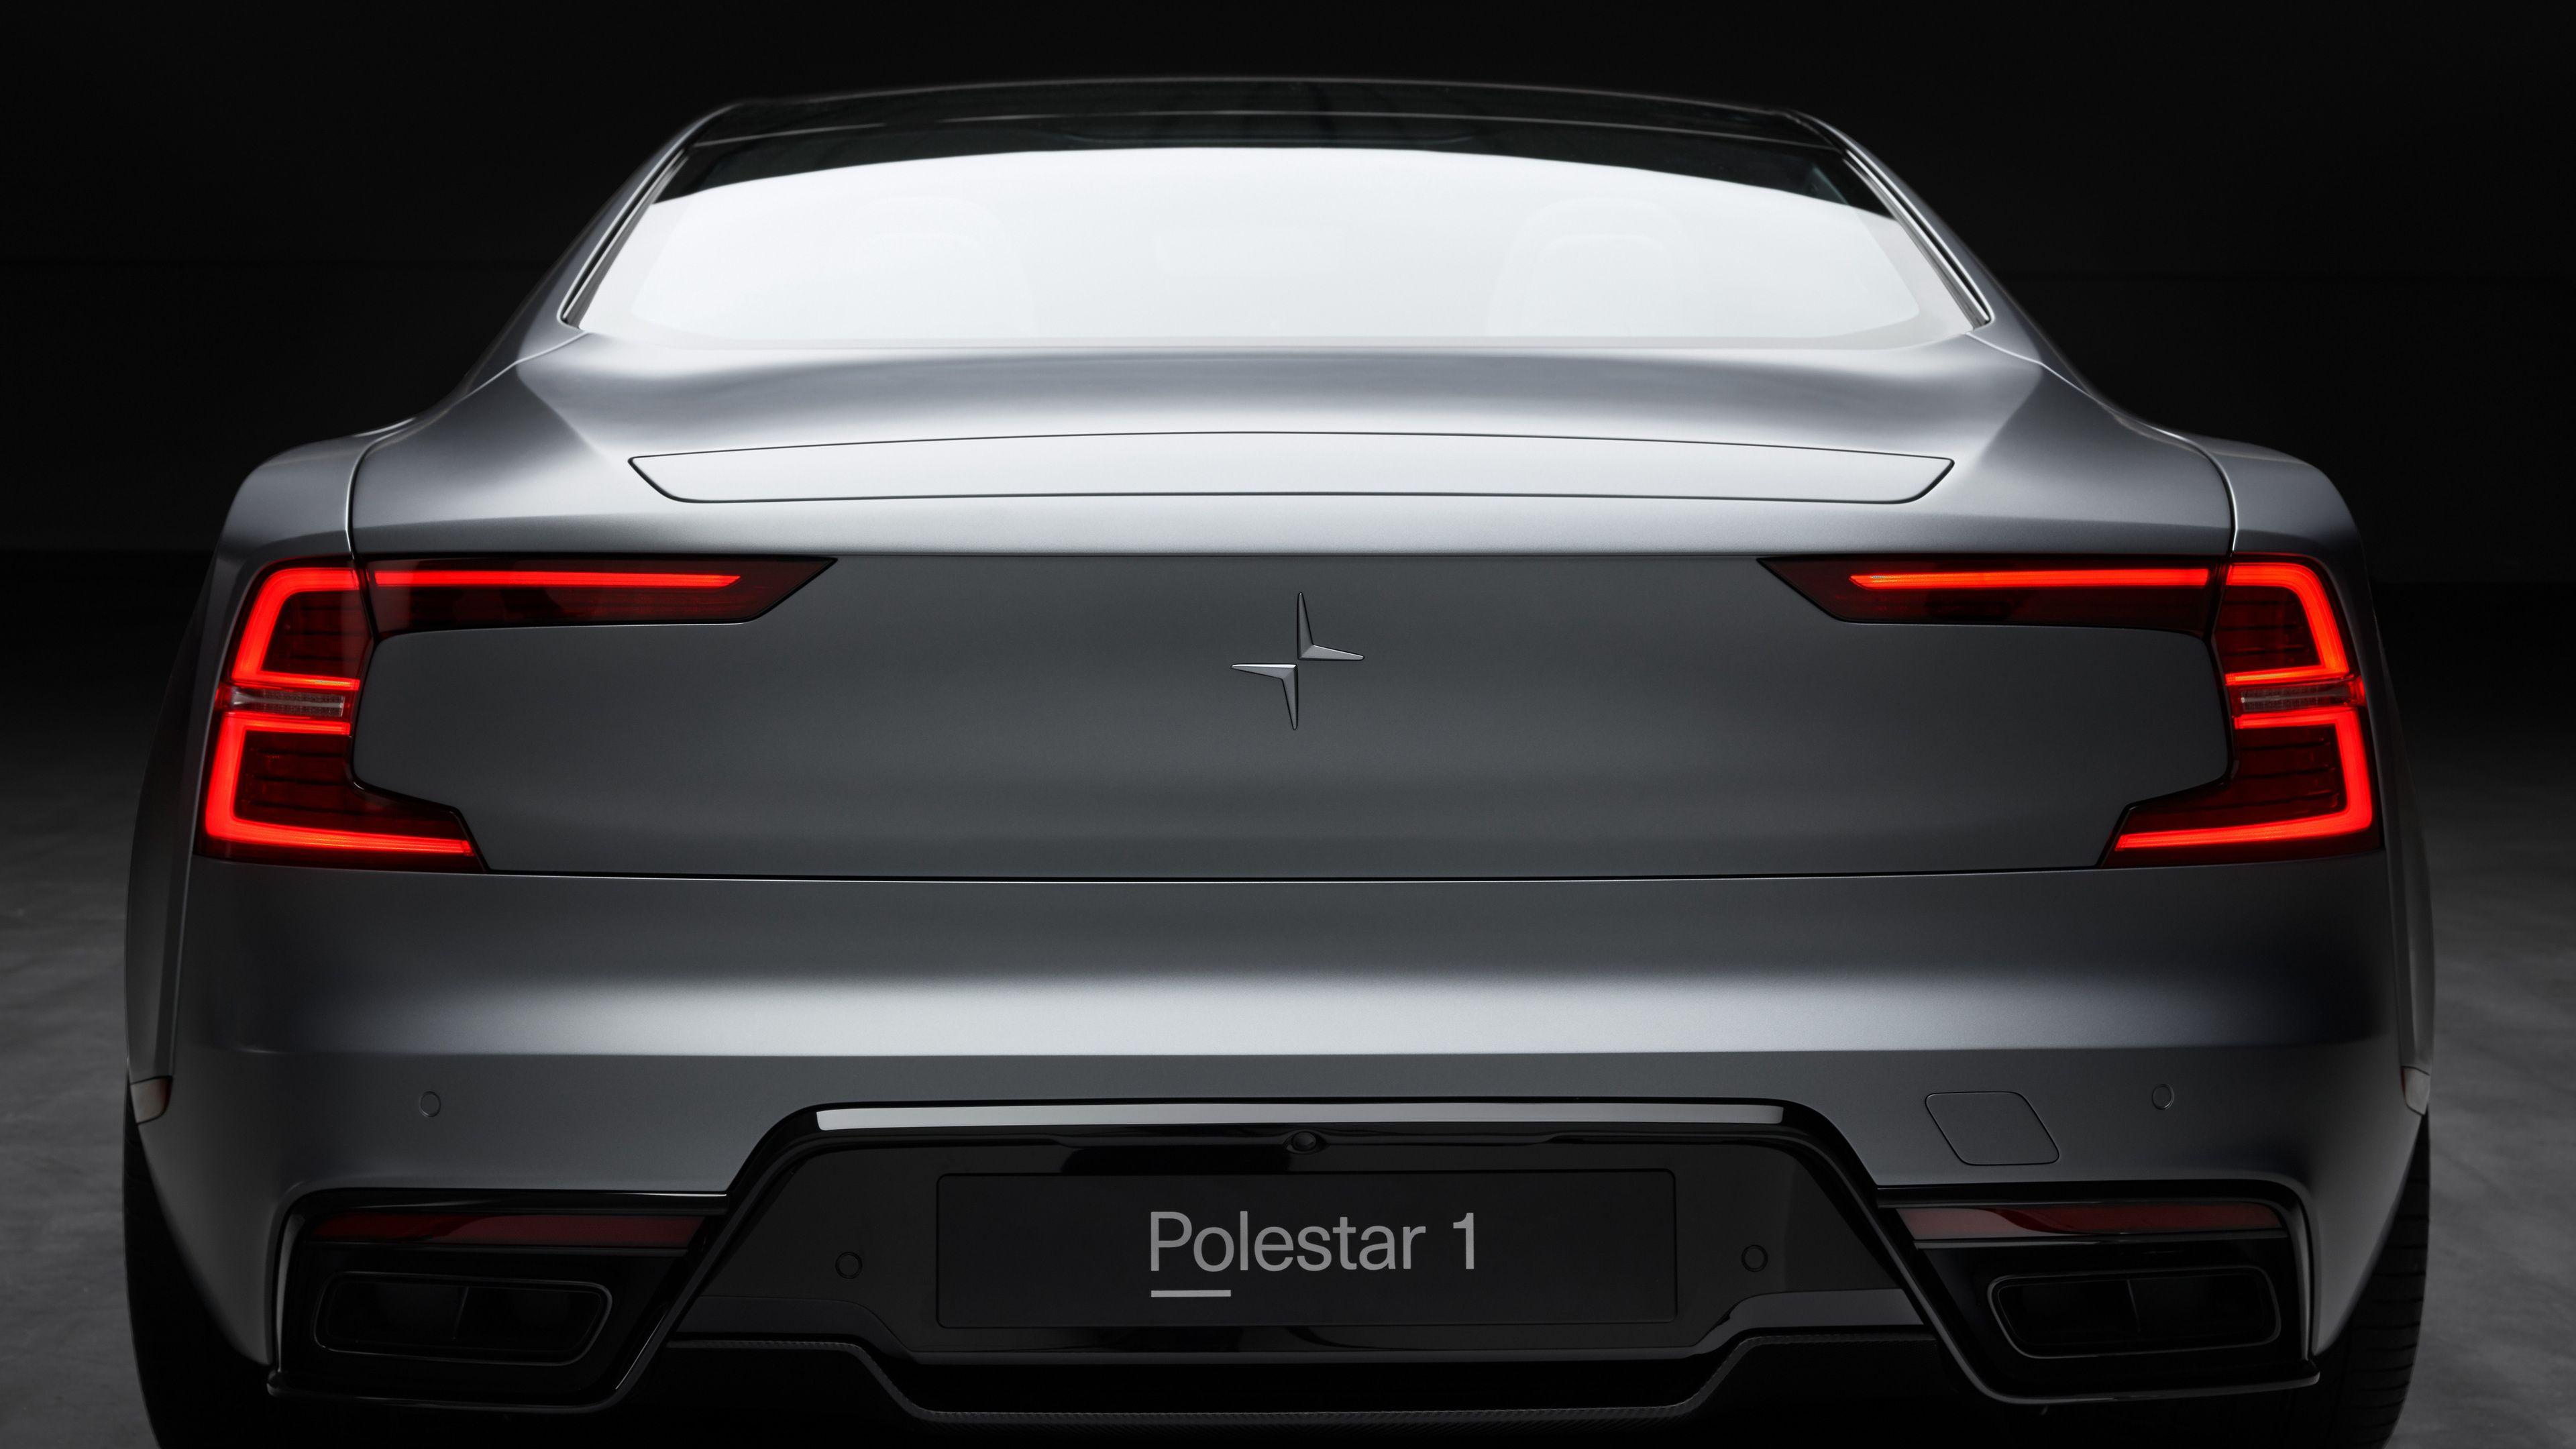 Wallpaper 4k Polestar 1 Rear 4k 2019 cars wallpapers, 4k